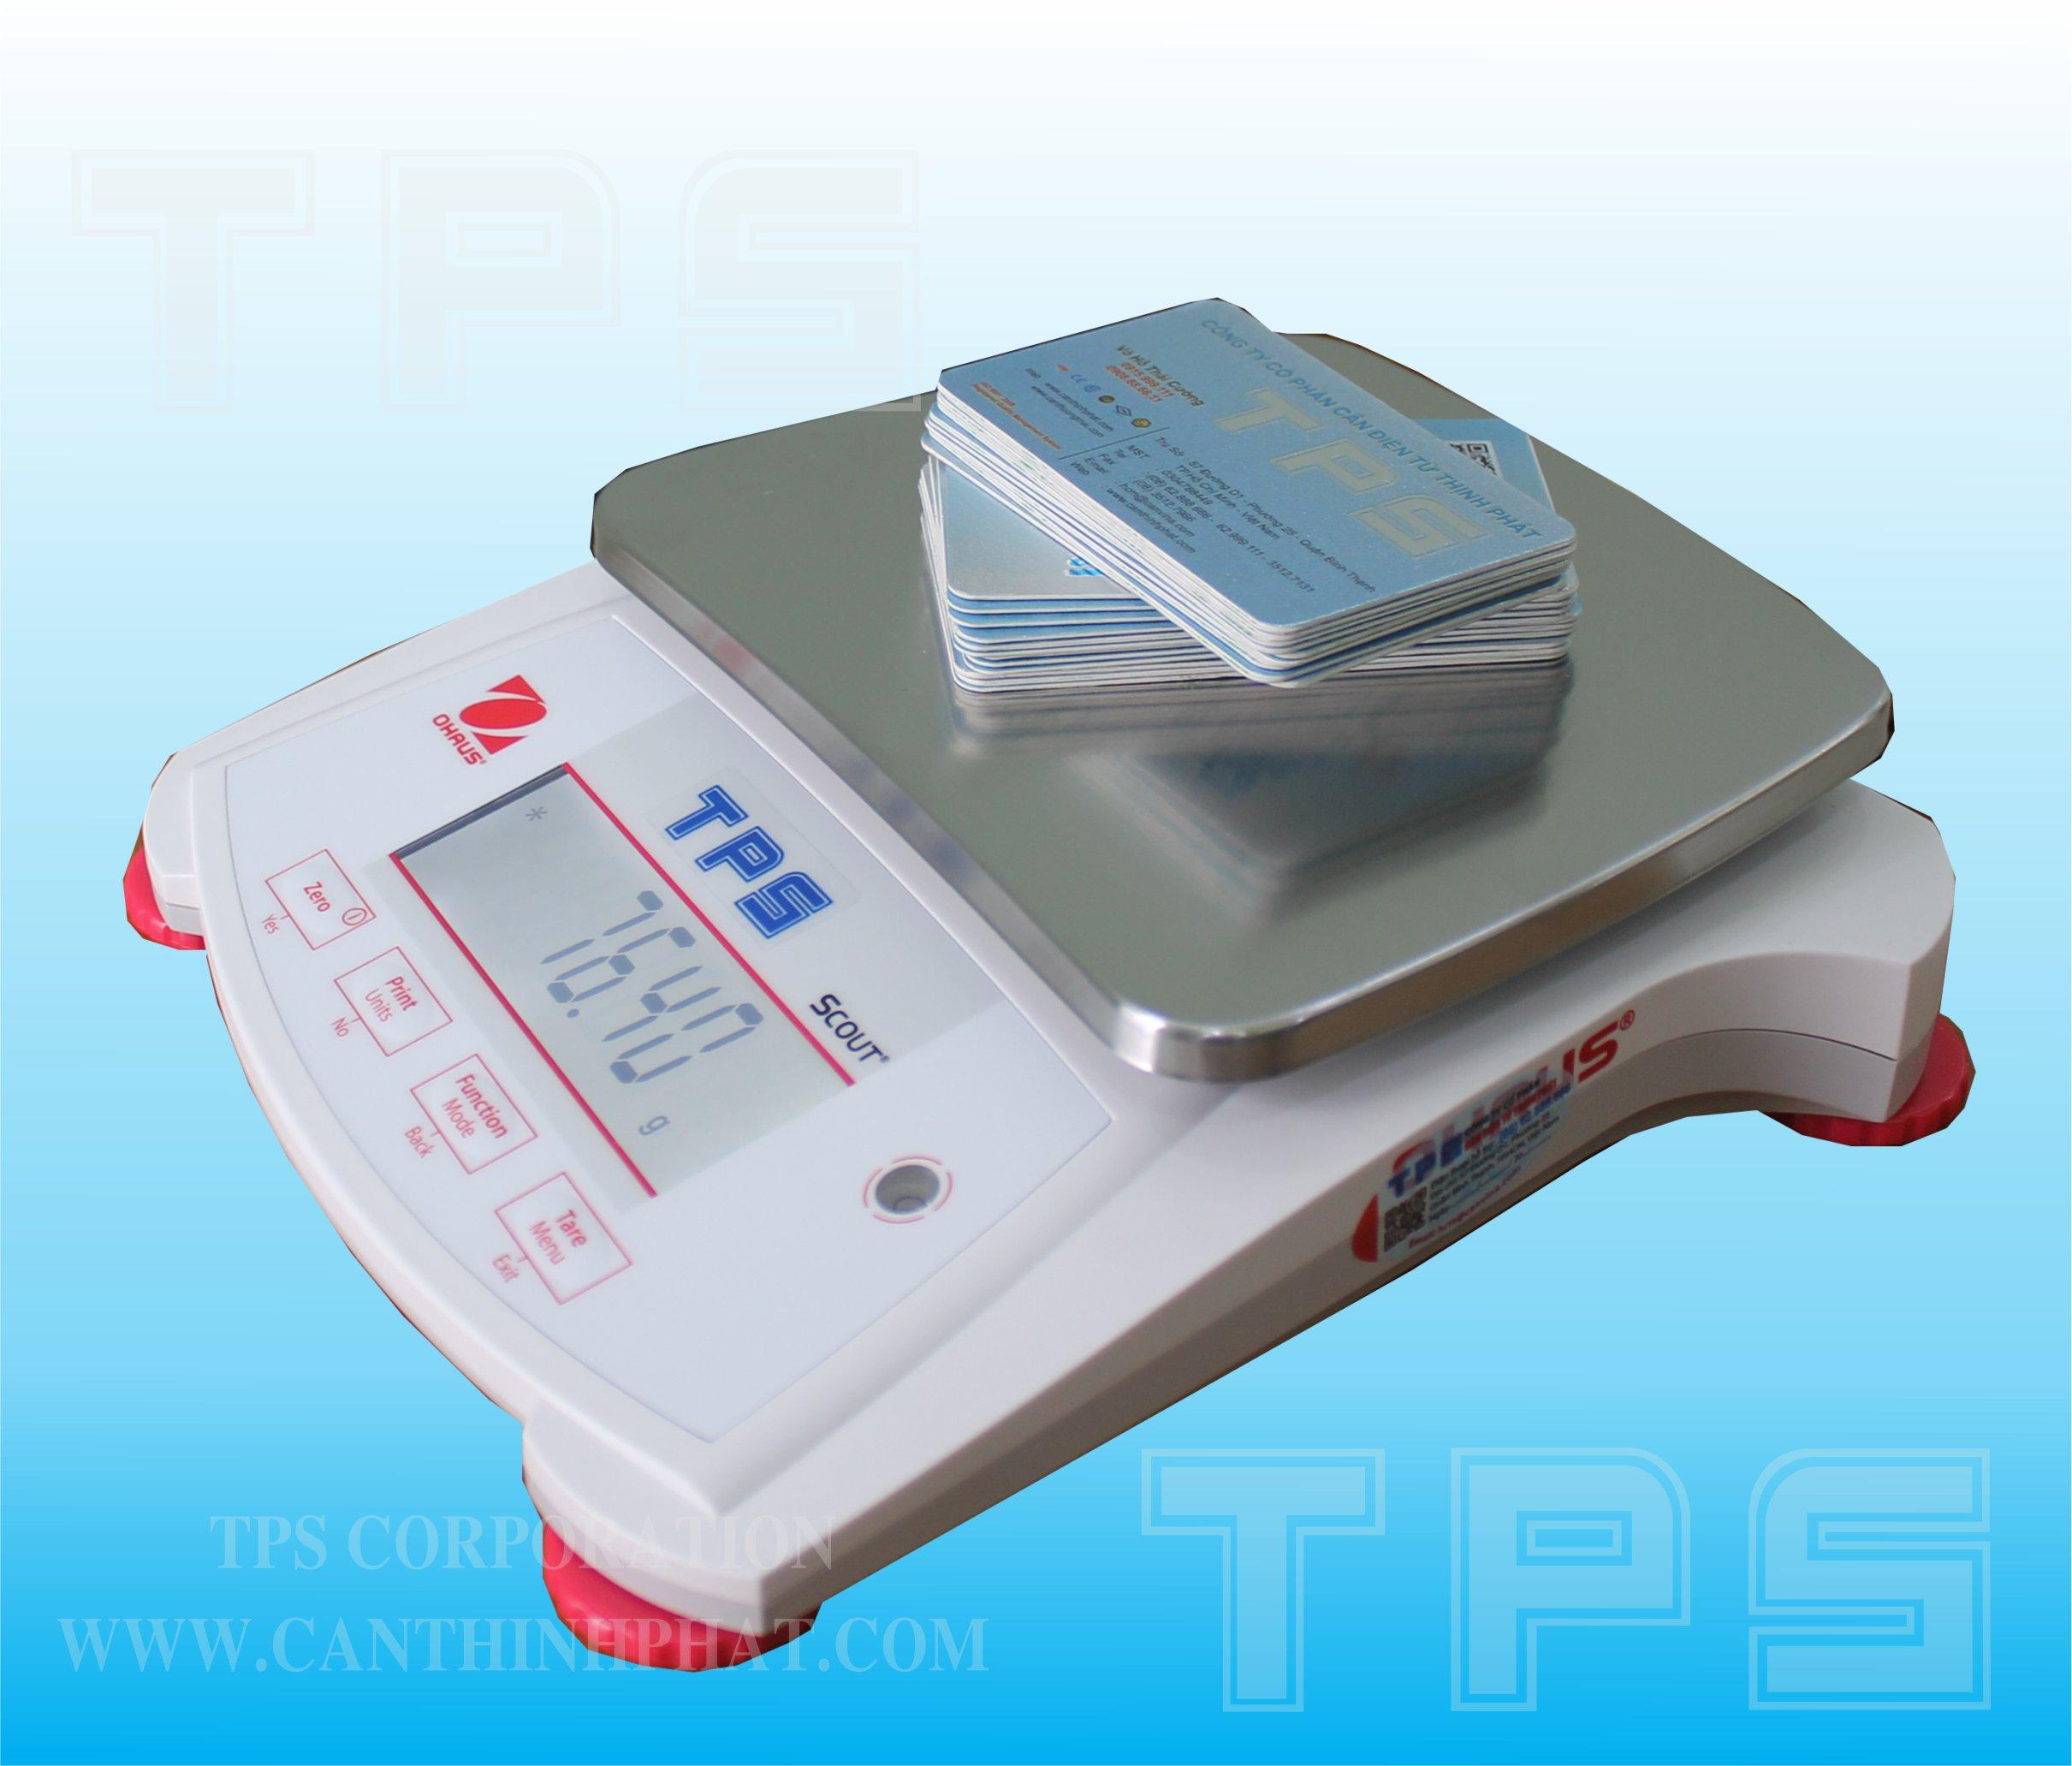 SPX2202-2200g/0.01g - 775